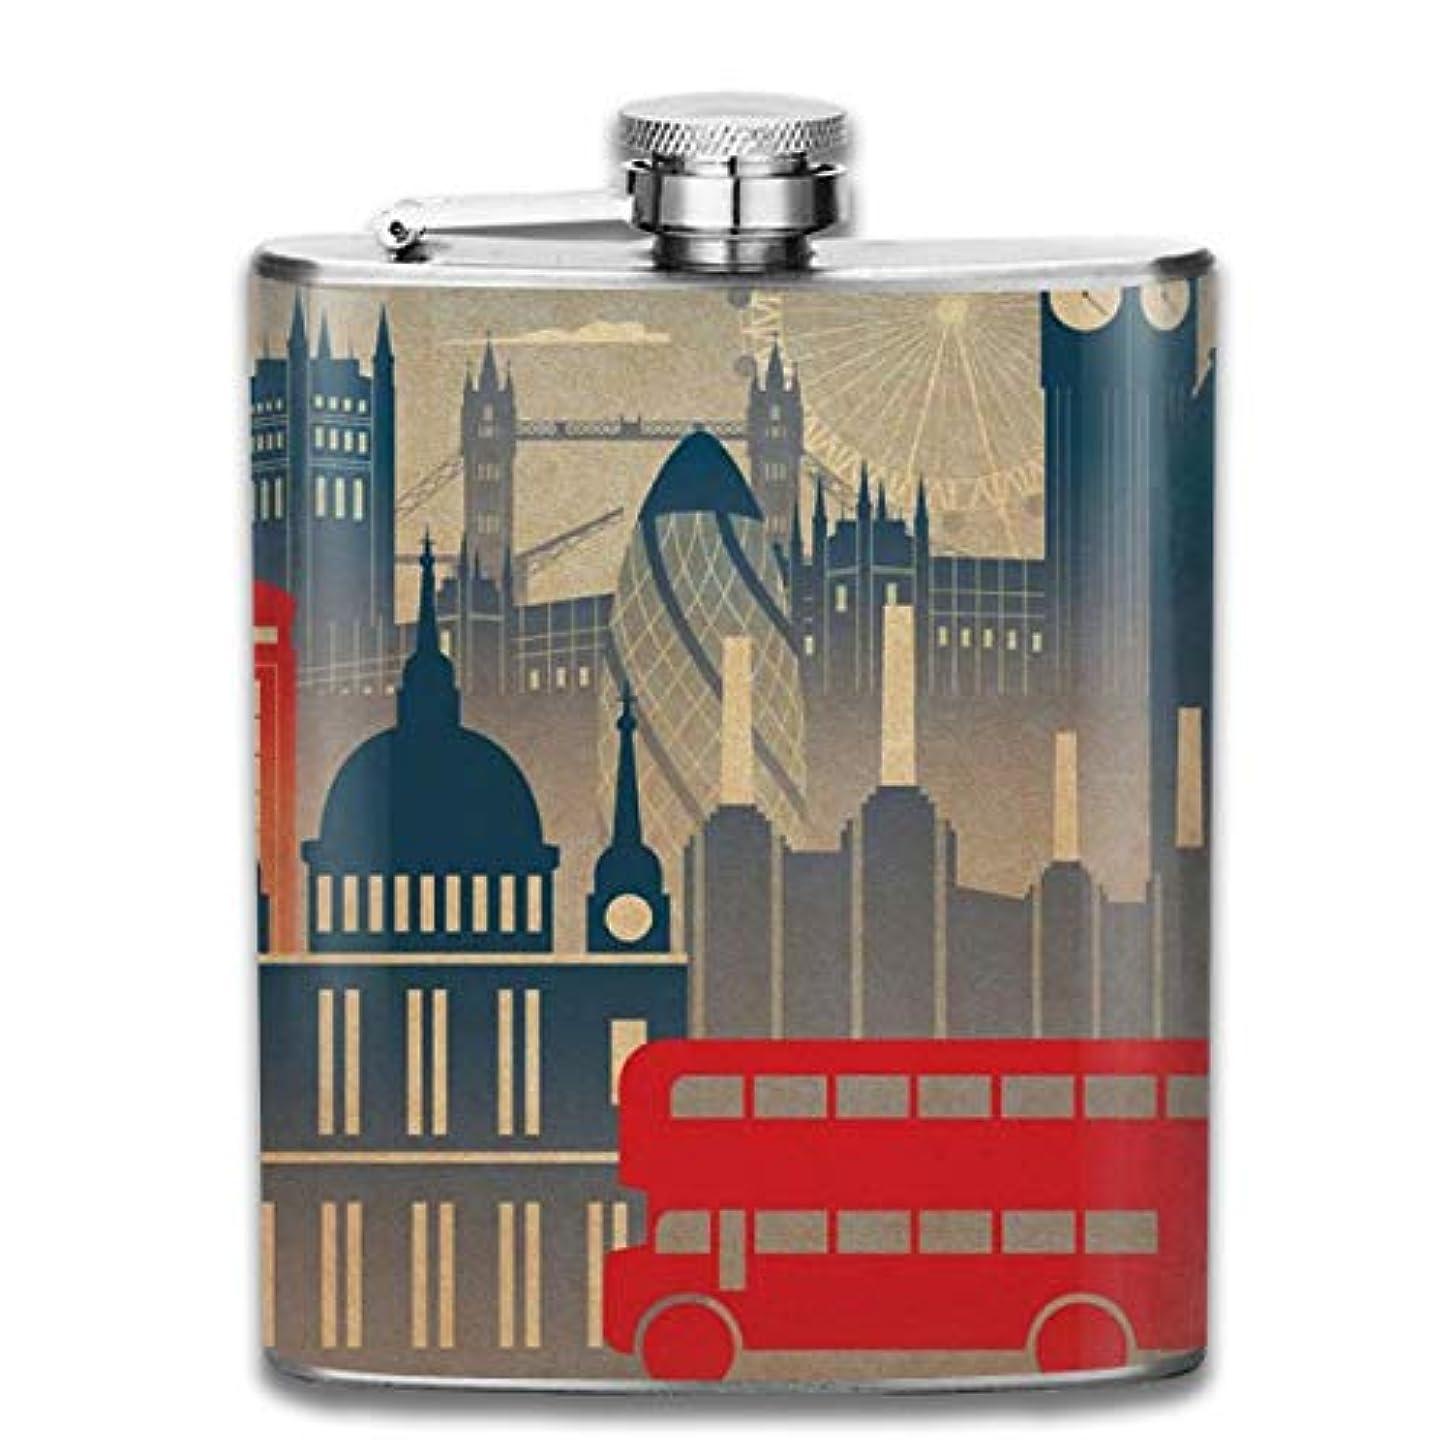 ベアリングうんざり焦がすロンドン ポスター フラスコ スキットル ヒップフラスコ 7オンス 206ml 高品質ステンレス製 ウイスキー アルコール 清酒 携帯 ボトル